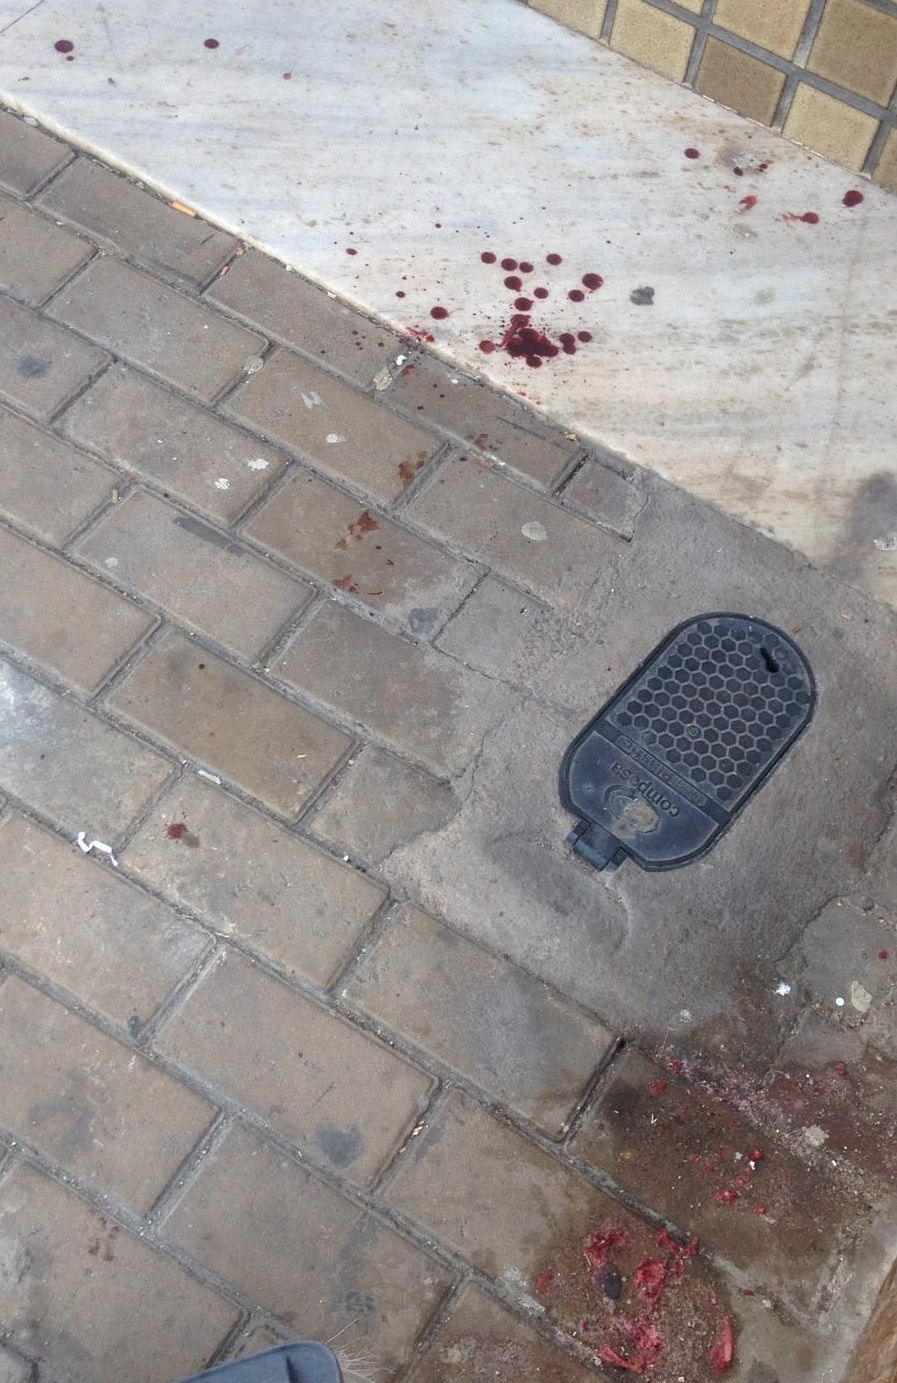 O local onde as agressões aconteceram ficou sujo de sangue. Foto: Cortesia